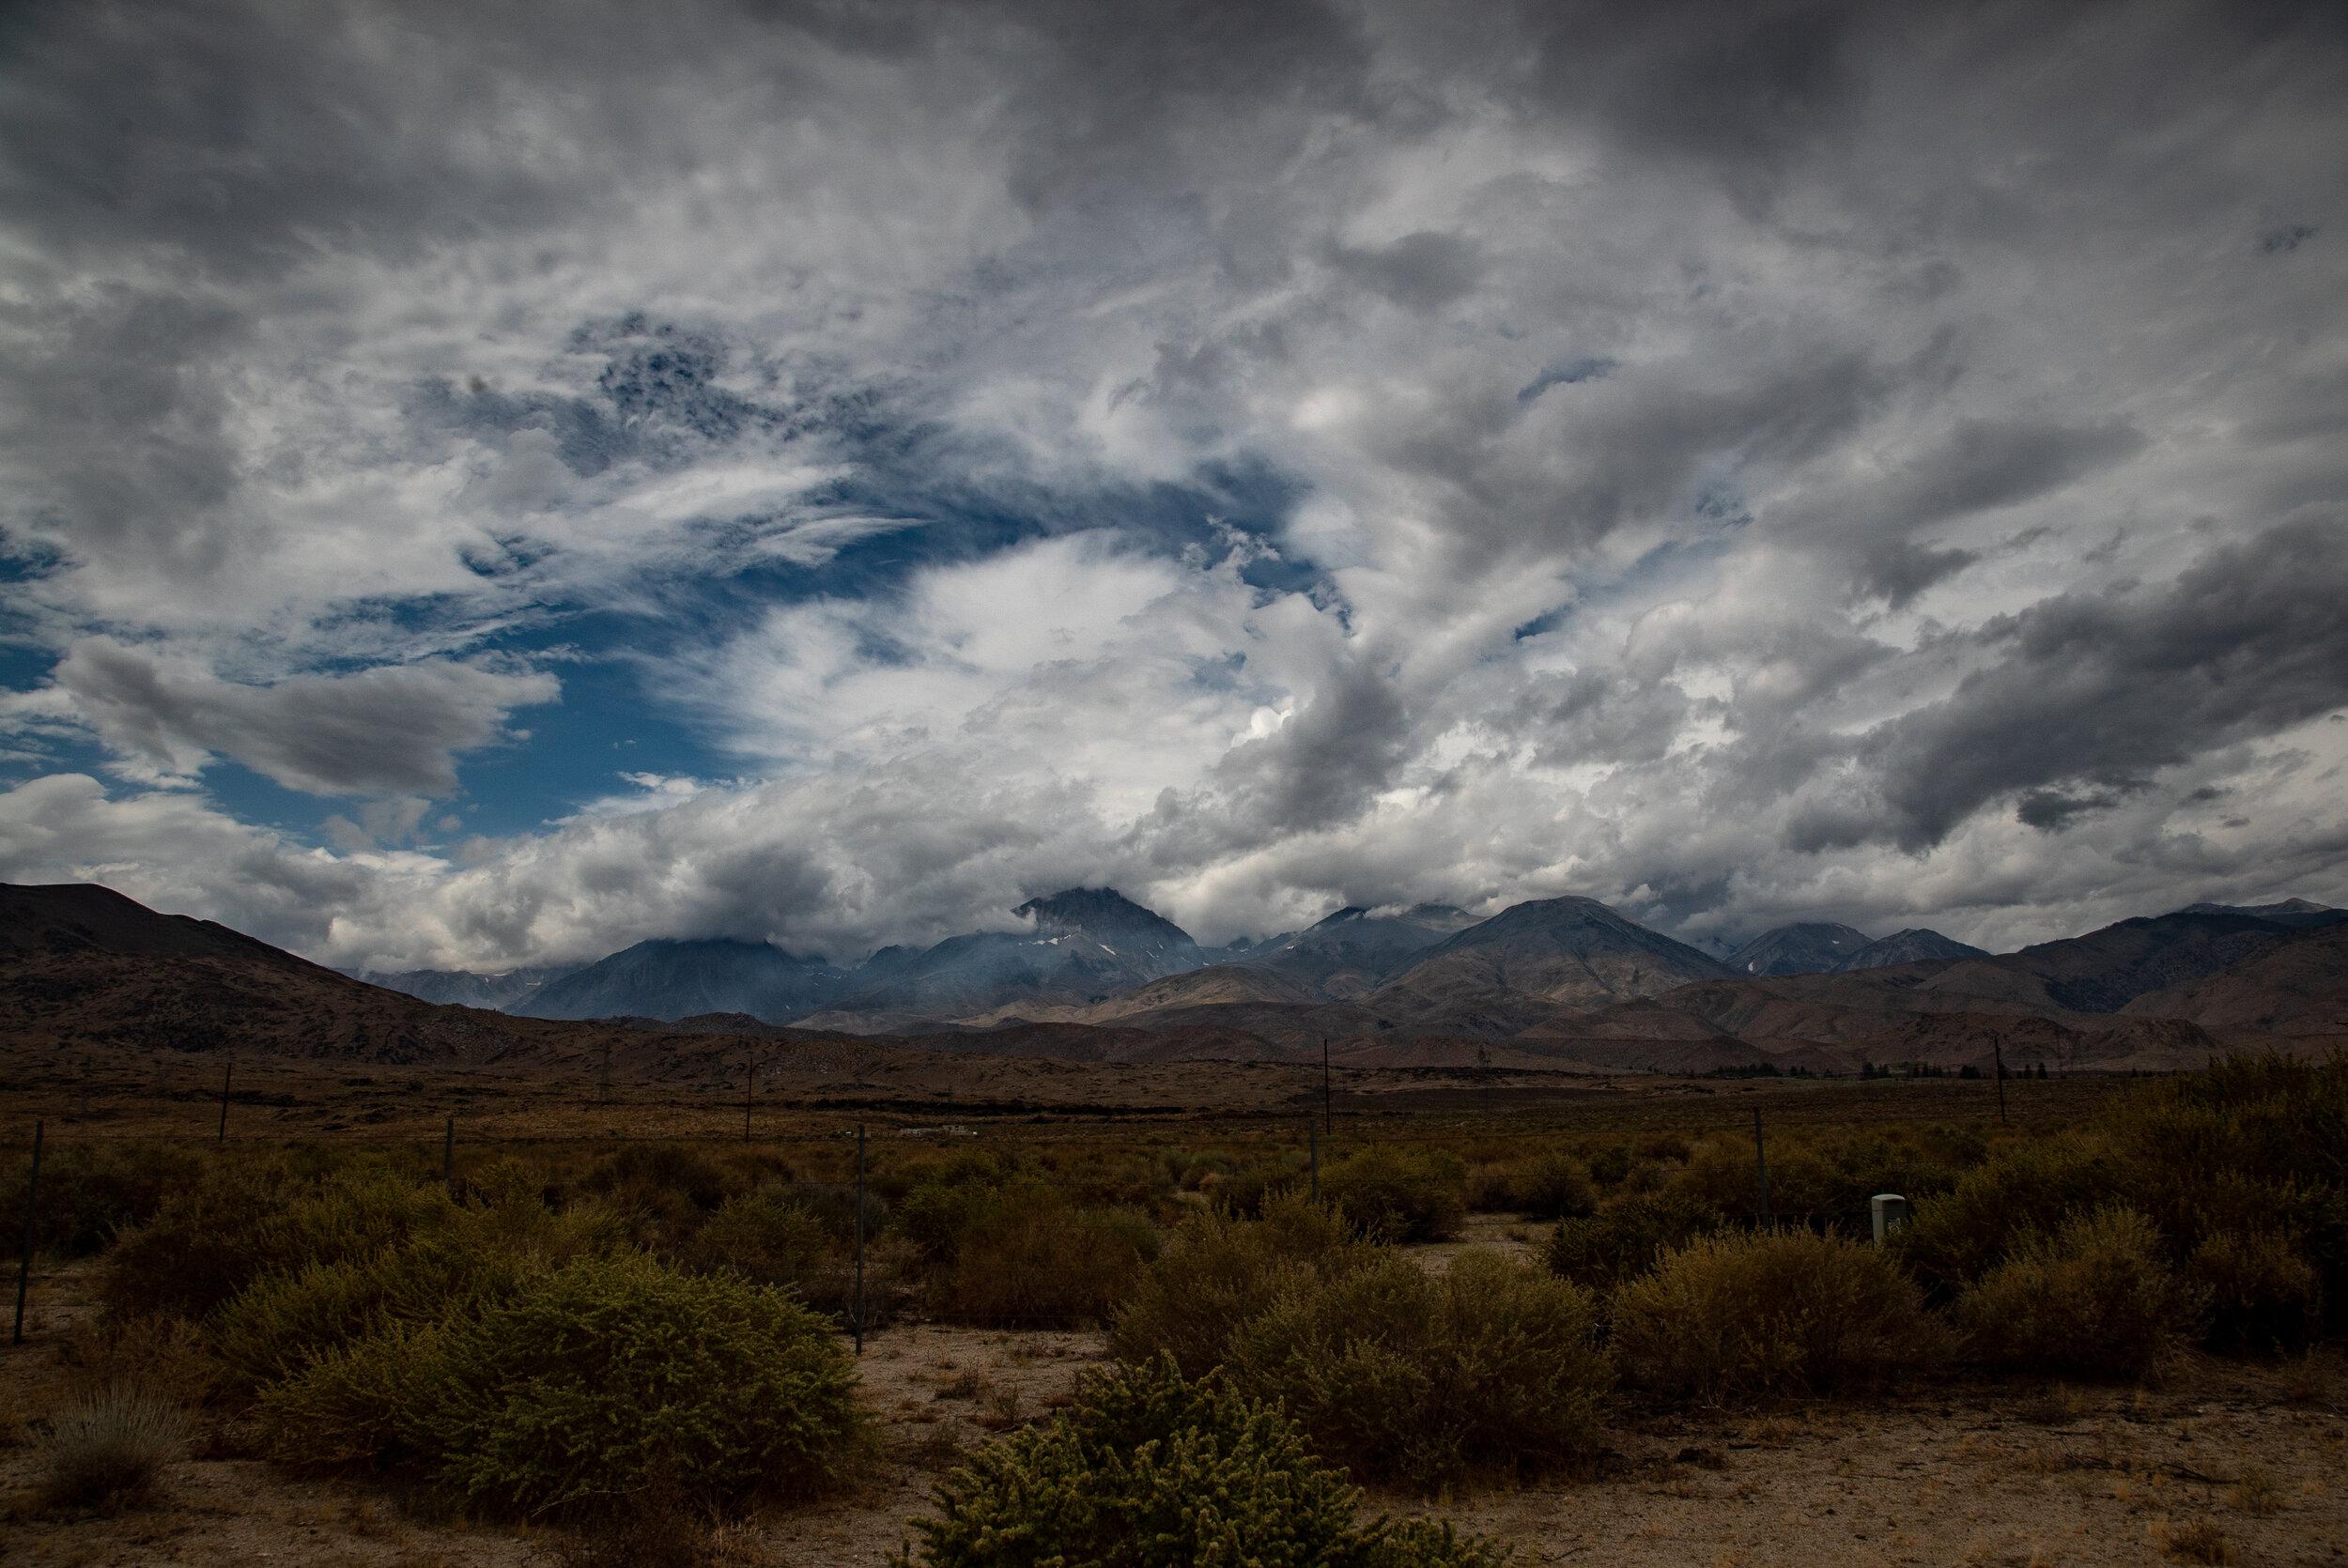 Sierras w Rumsey 2019-23.jpg